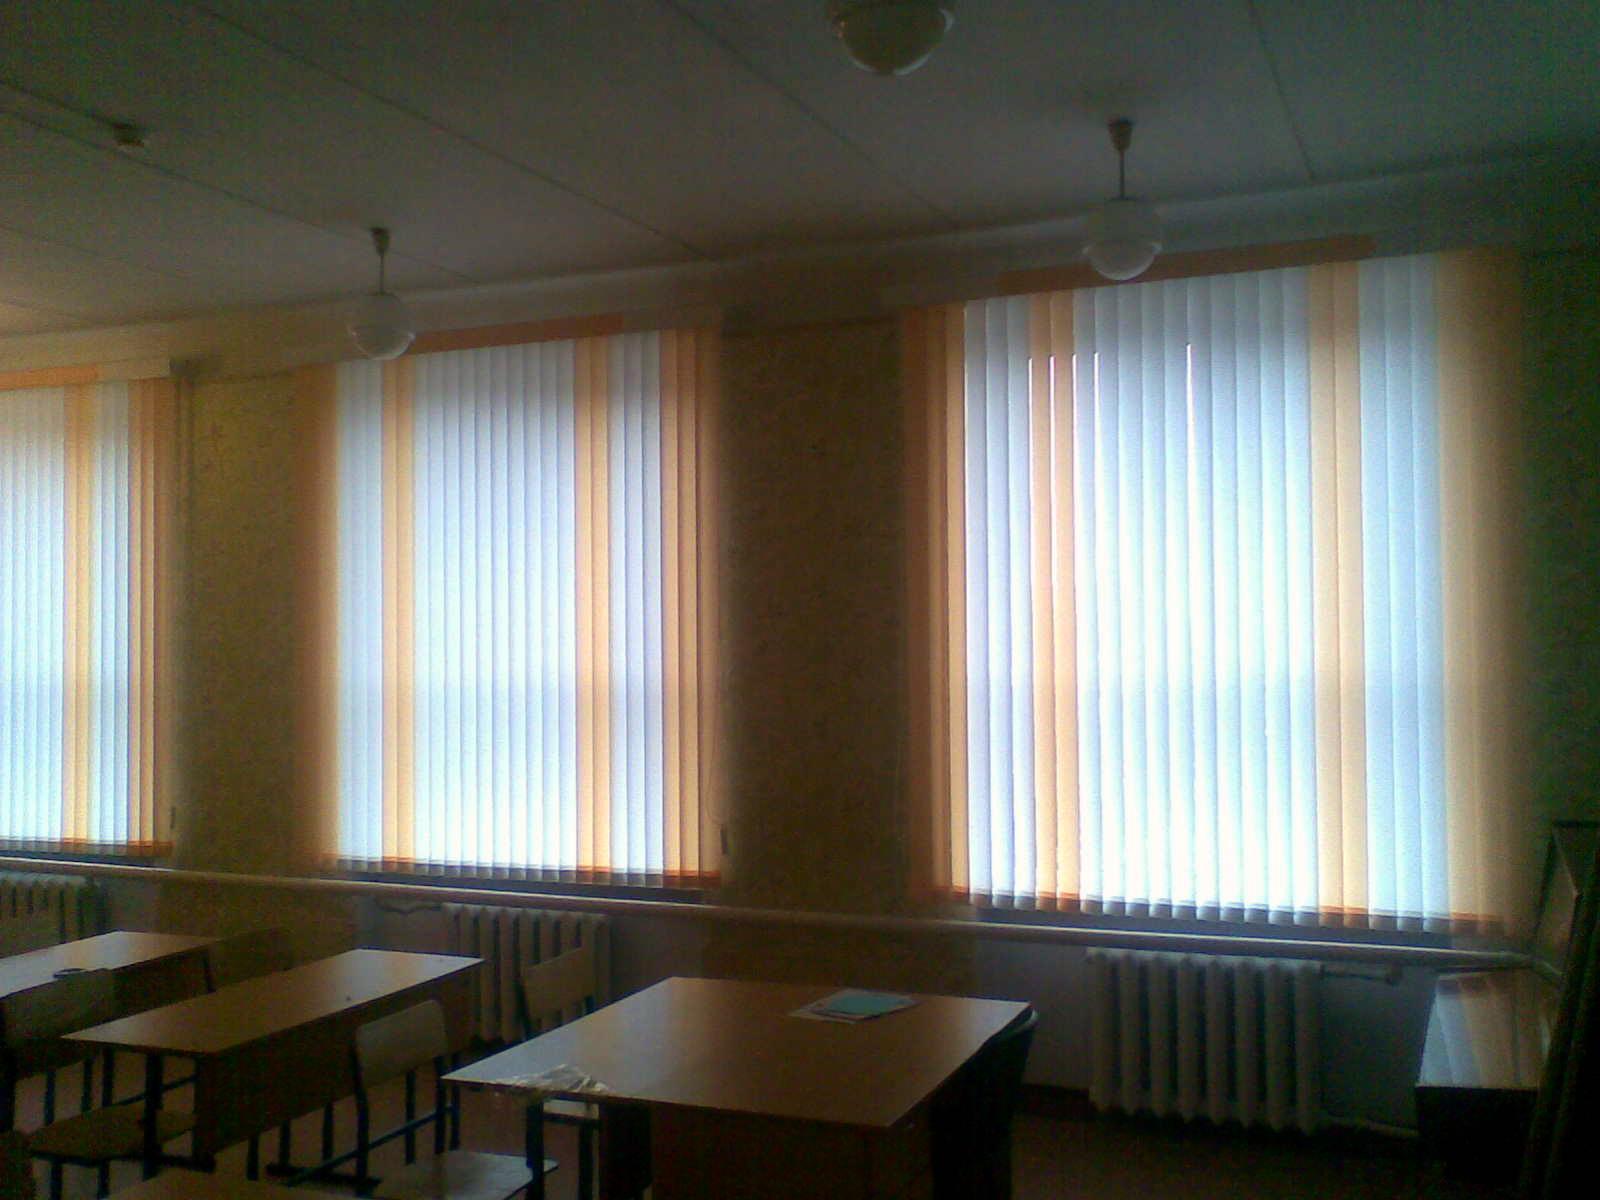 Занавески в классе фото